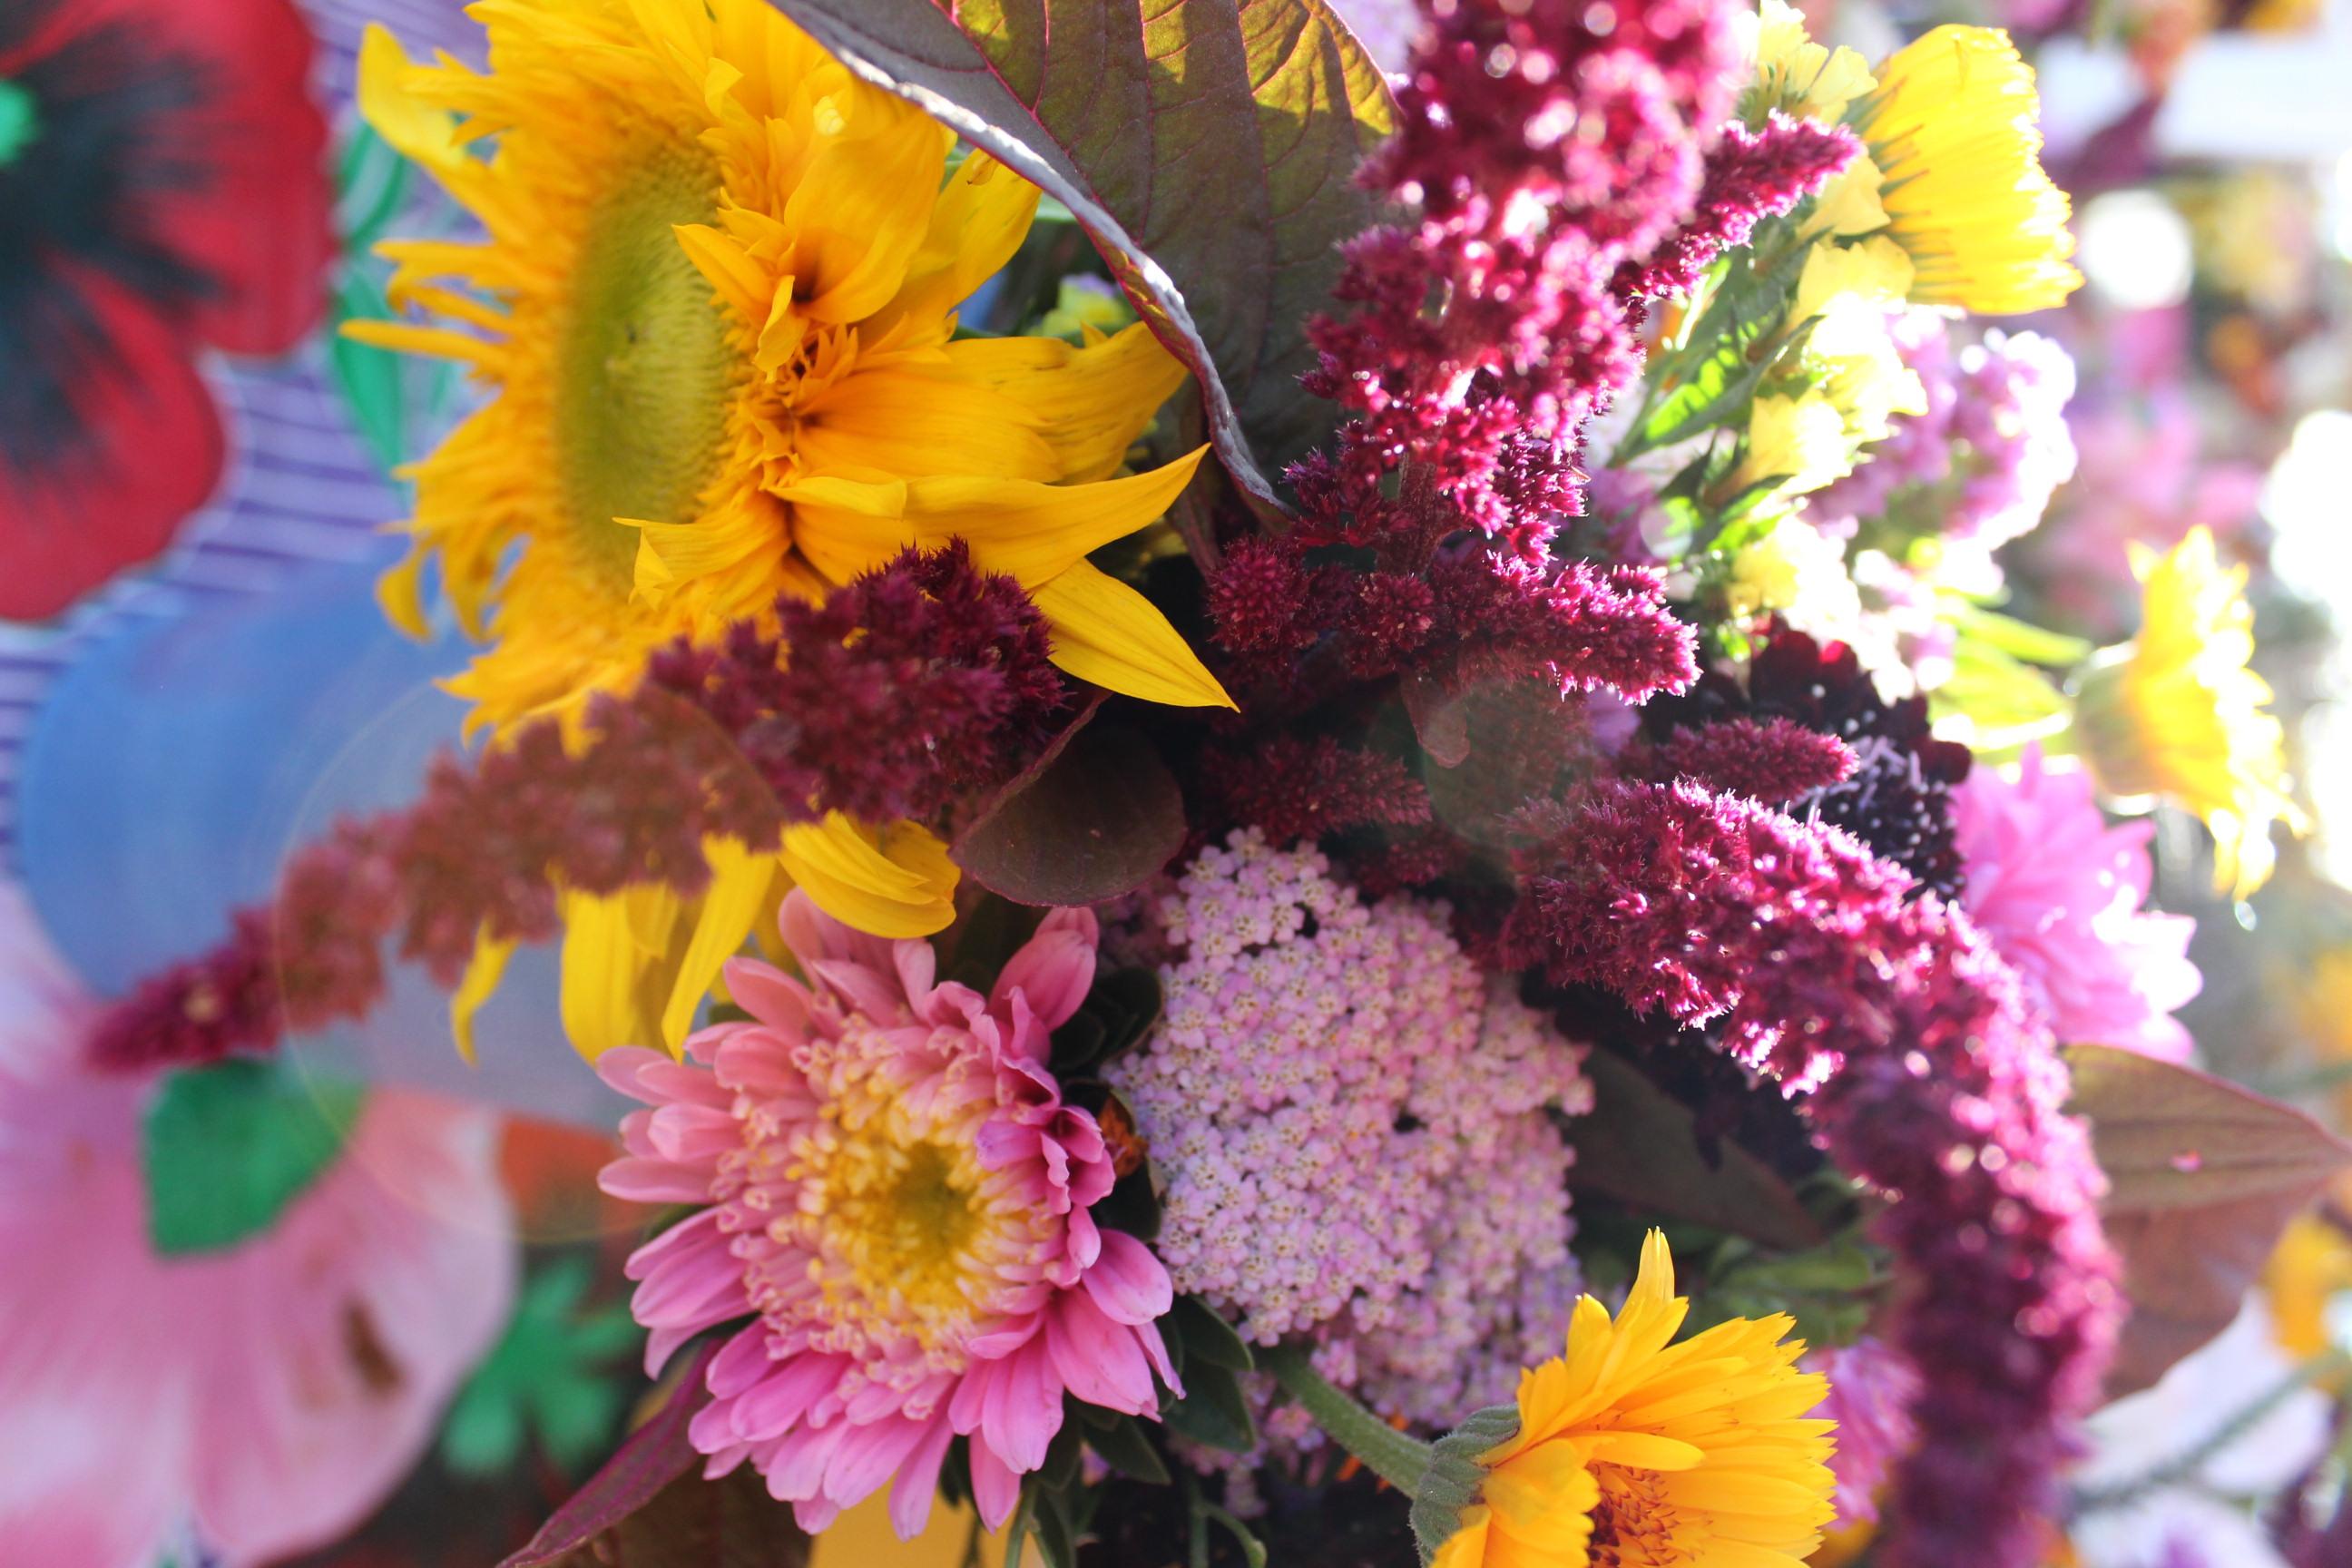 Kokoro flower bouquet